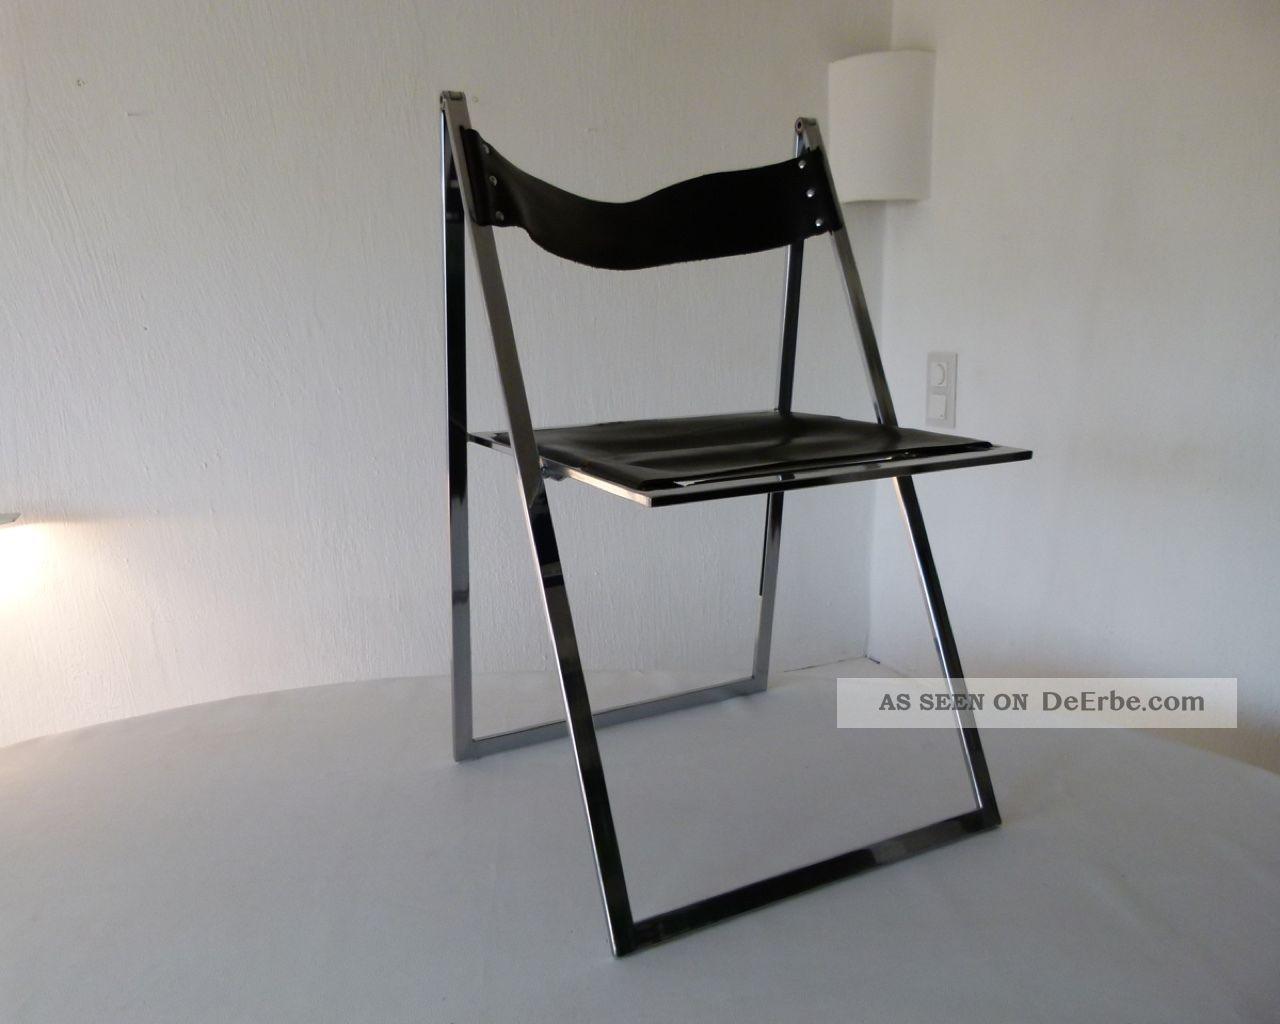 l bke interl bke design klappstuhl folding chair kernleder chrom klassiker. Black Bedroom Furniture Sets. Home Design Ideas